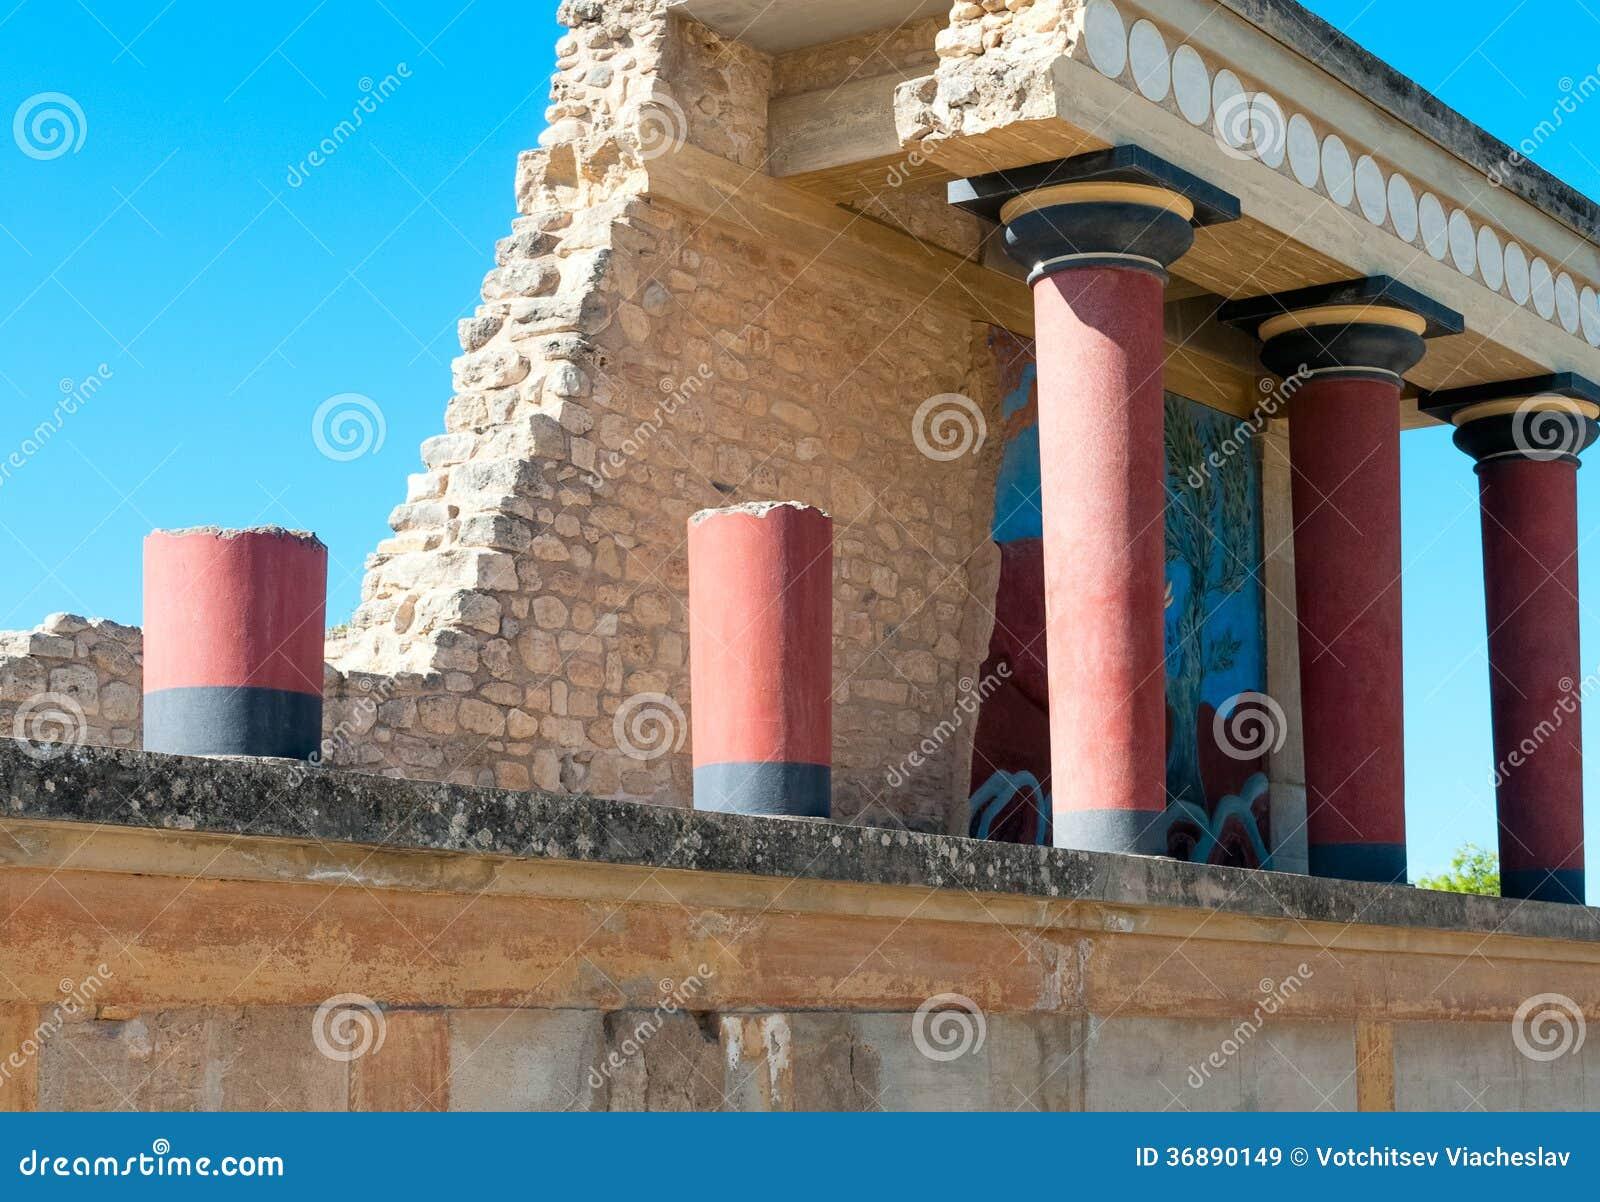 Download Sito Antico Di Cnosso In Creta Immagine Stock - Immagine di civilizzazione, storico: 36890149